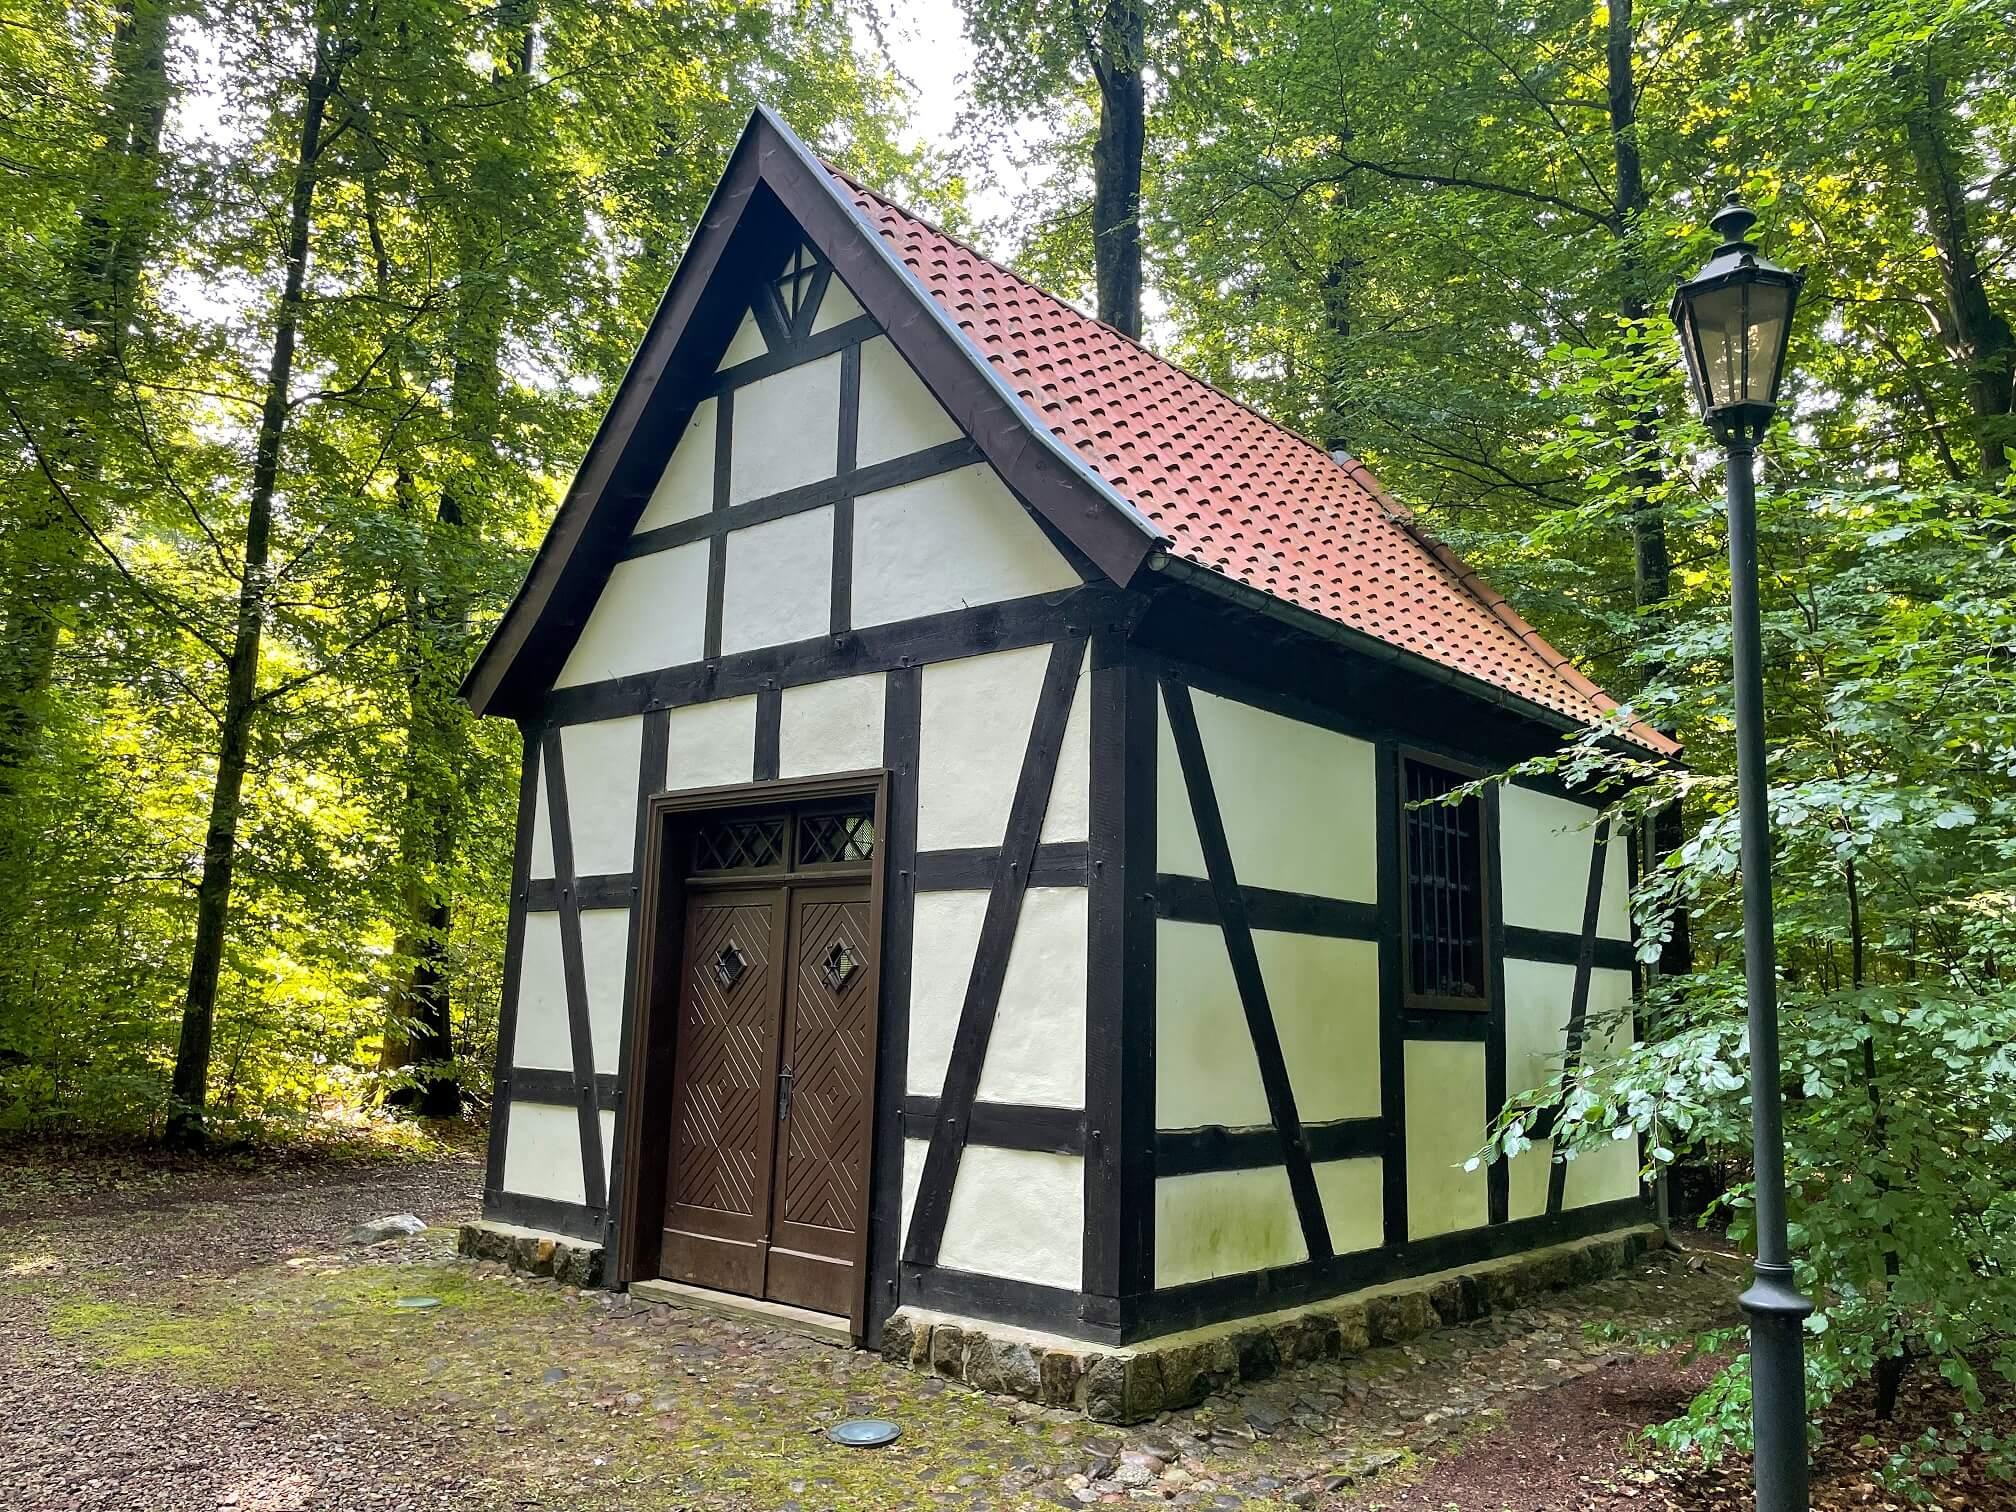 Wejherowo 15 - Wejherowo, zaczarowany las i okolice